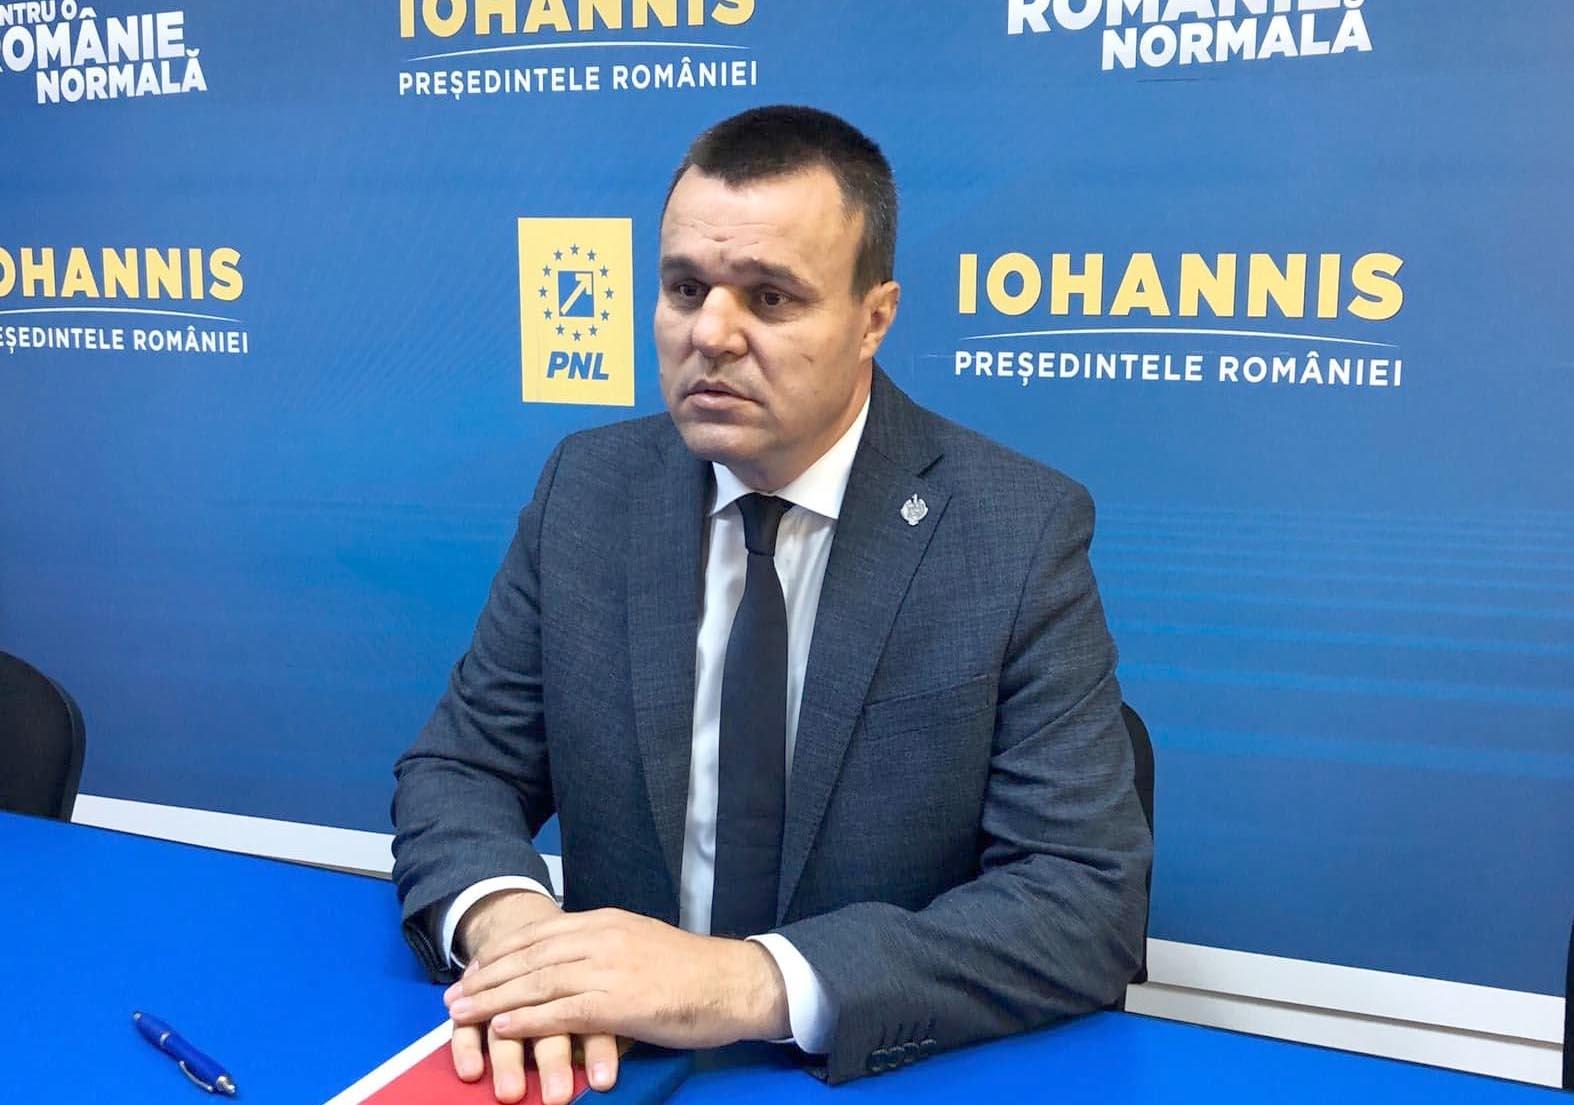 """Senator Eugen Pîrvulescu: """"Rezultatul votului de duminică arată că teleormănenii vor o schimbare"""""""